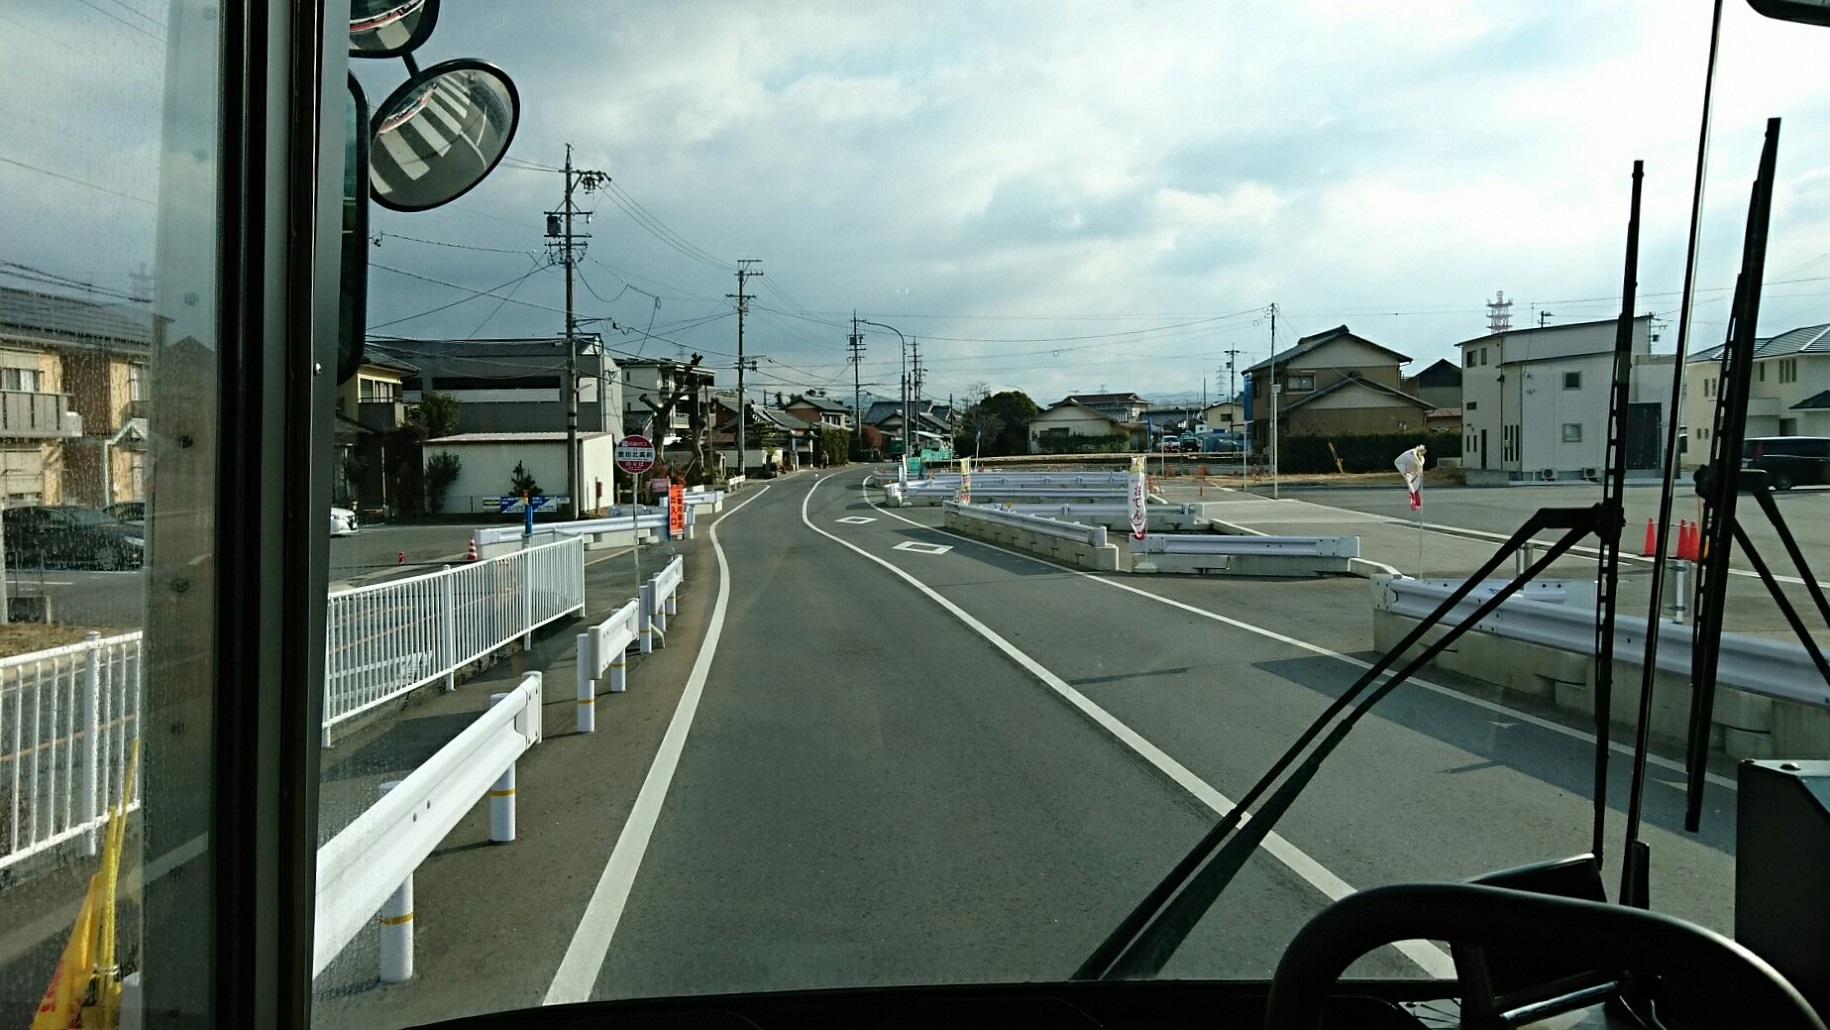 2018.2.5 東山住宅線 (20) 豊田北高前バス停 1830-1030